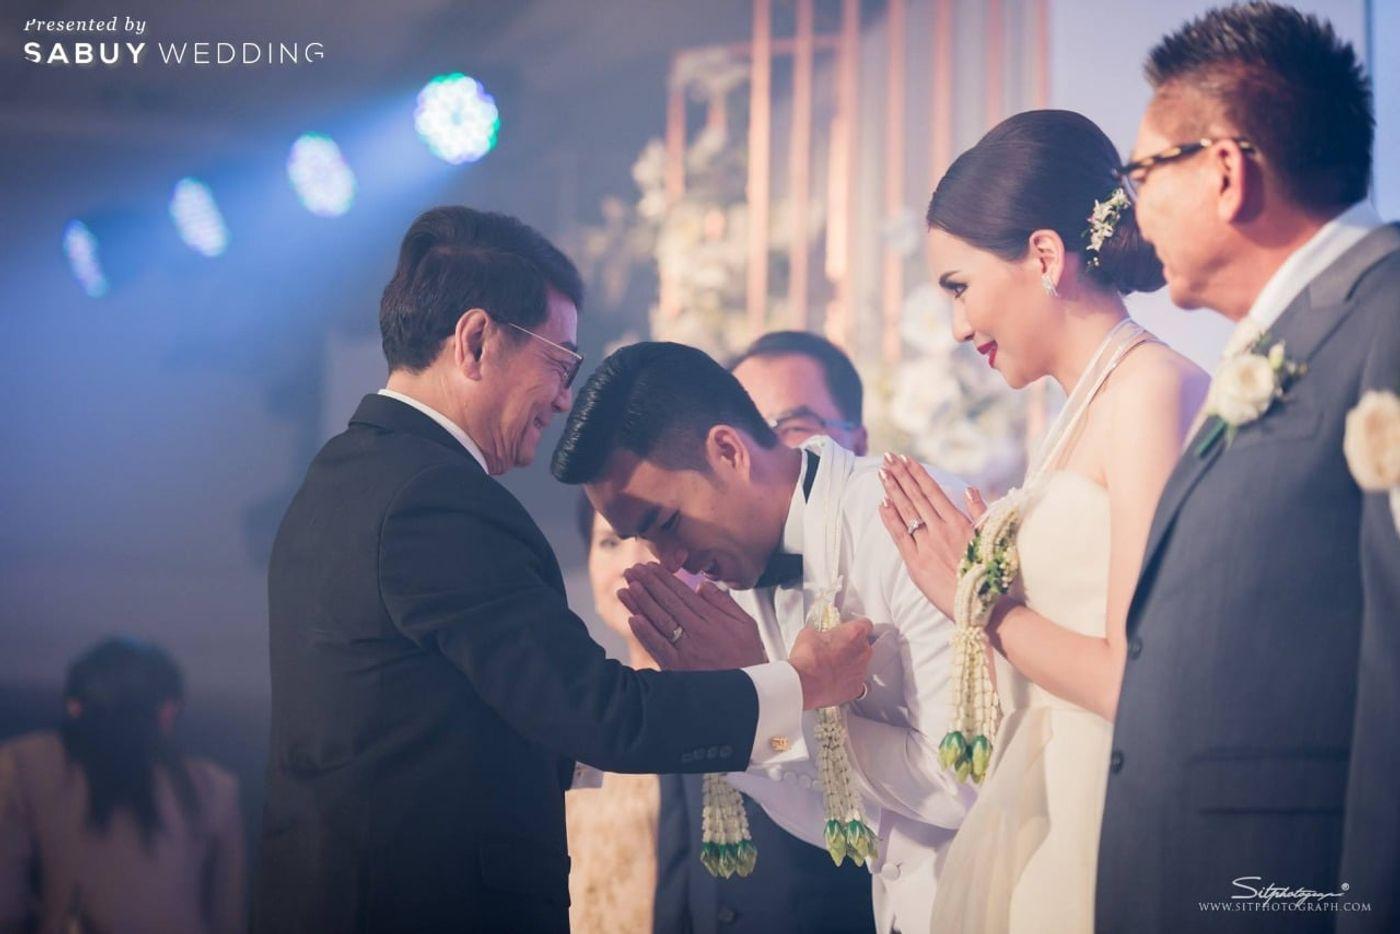 พิธีแต่งงาน,งานแต่งงาน,บ่าวสาว รีวิวงานแต่งแห่งปีของอยุธยา หรูหราด้วยโทนสี Rose Gold @Krungsri River Hotel